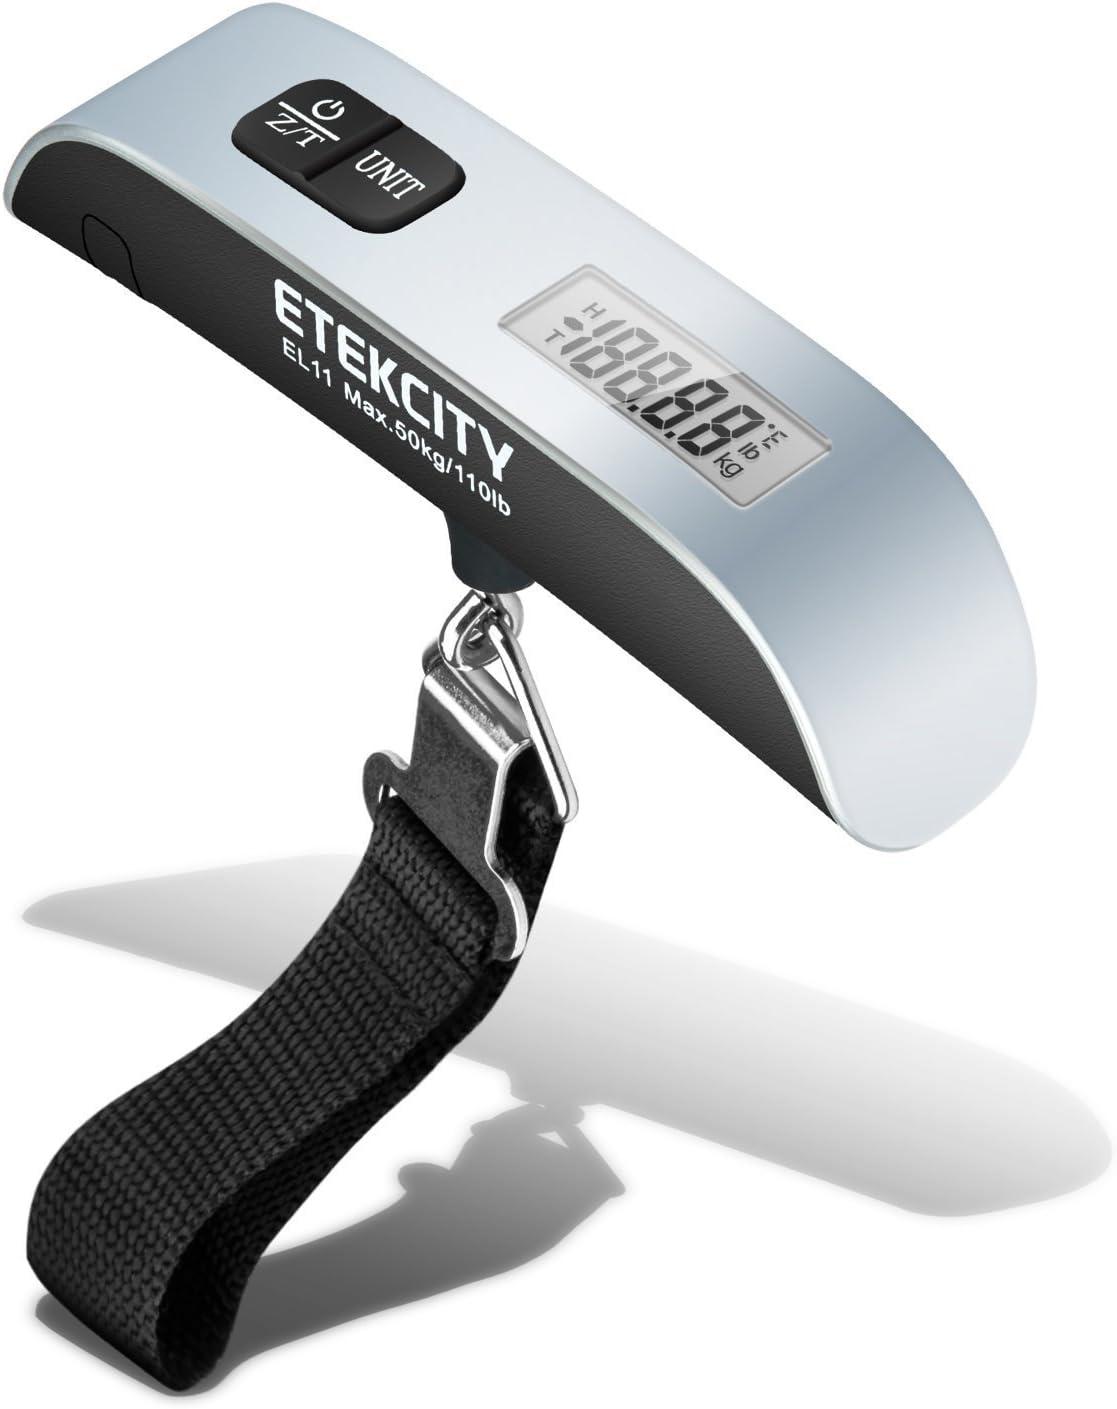 ETEKCITY EL11 Báscula Digital de Equipaje 50kg con Sensor de Temperatura, Pantalla LCD, Función de Tara y Datos-Bloqueados, Balanza Ergonómica para Maletas Equipaje de Viaje